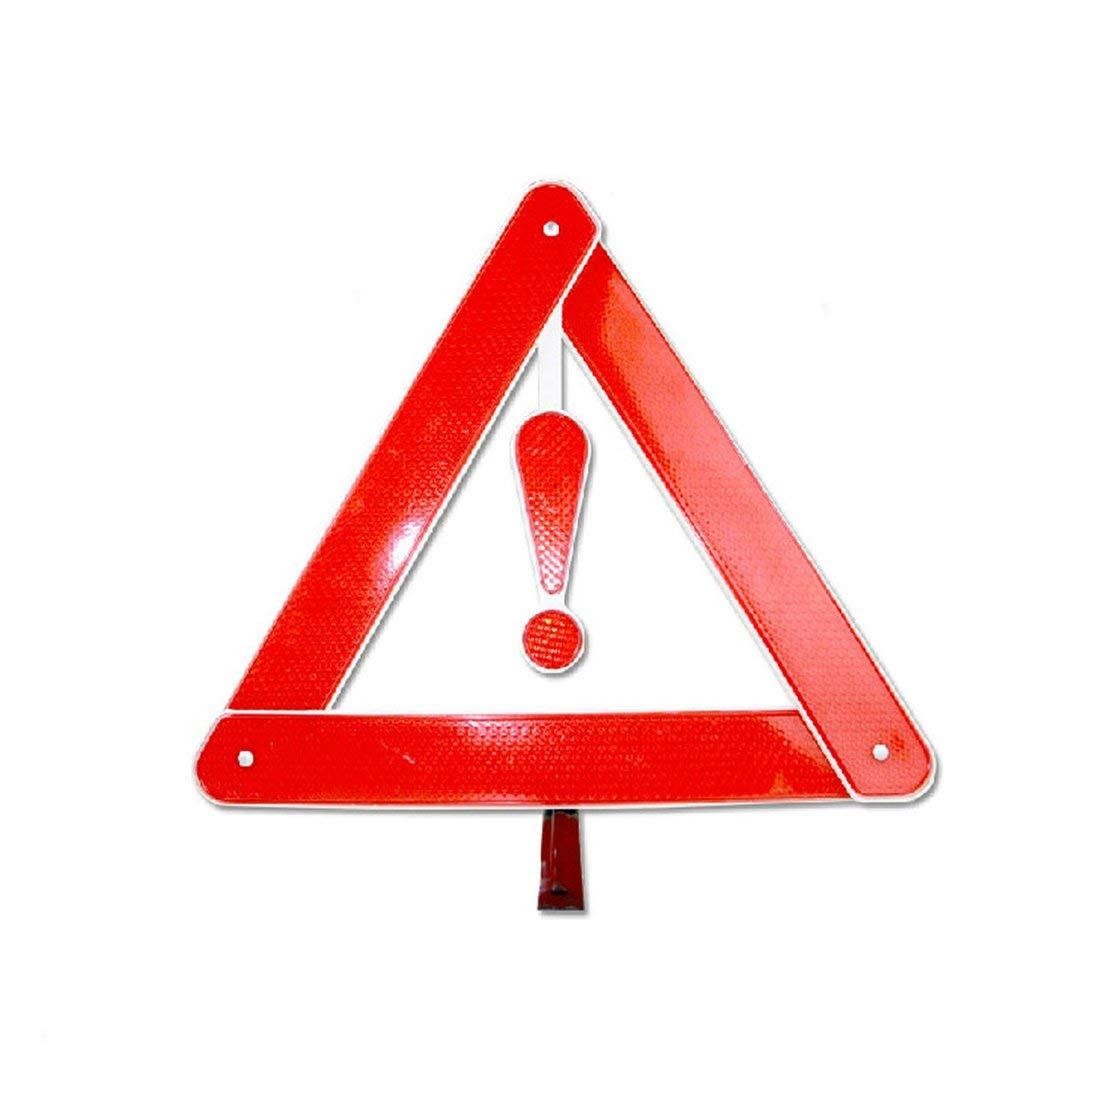 Hermosairis Auto Auto Reflektierende Warnung Board Stop Fahrzeug Gefahr Notfall Faltbare Stativ Fahrbahn Parkplatz Sicherheit Dreieck Zeichen